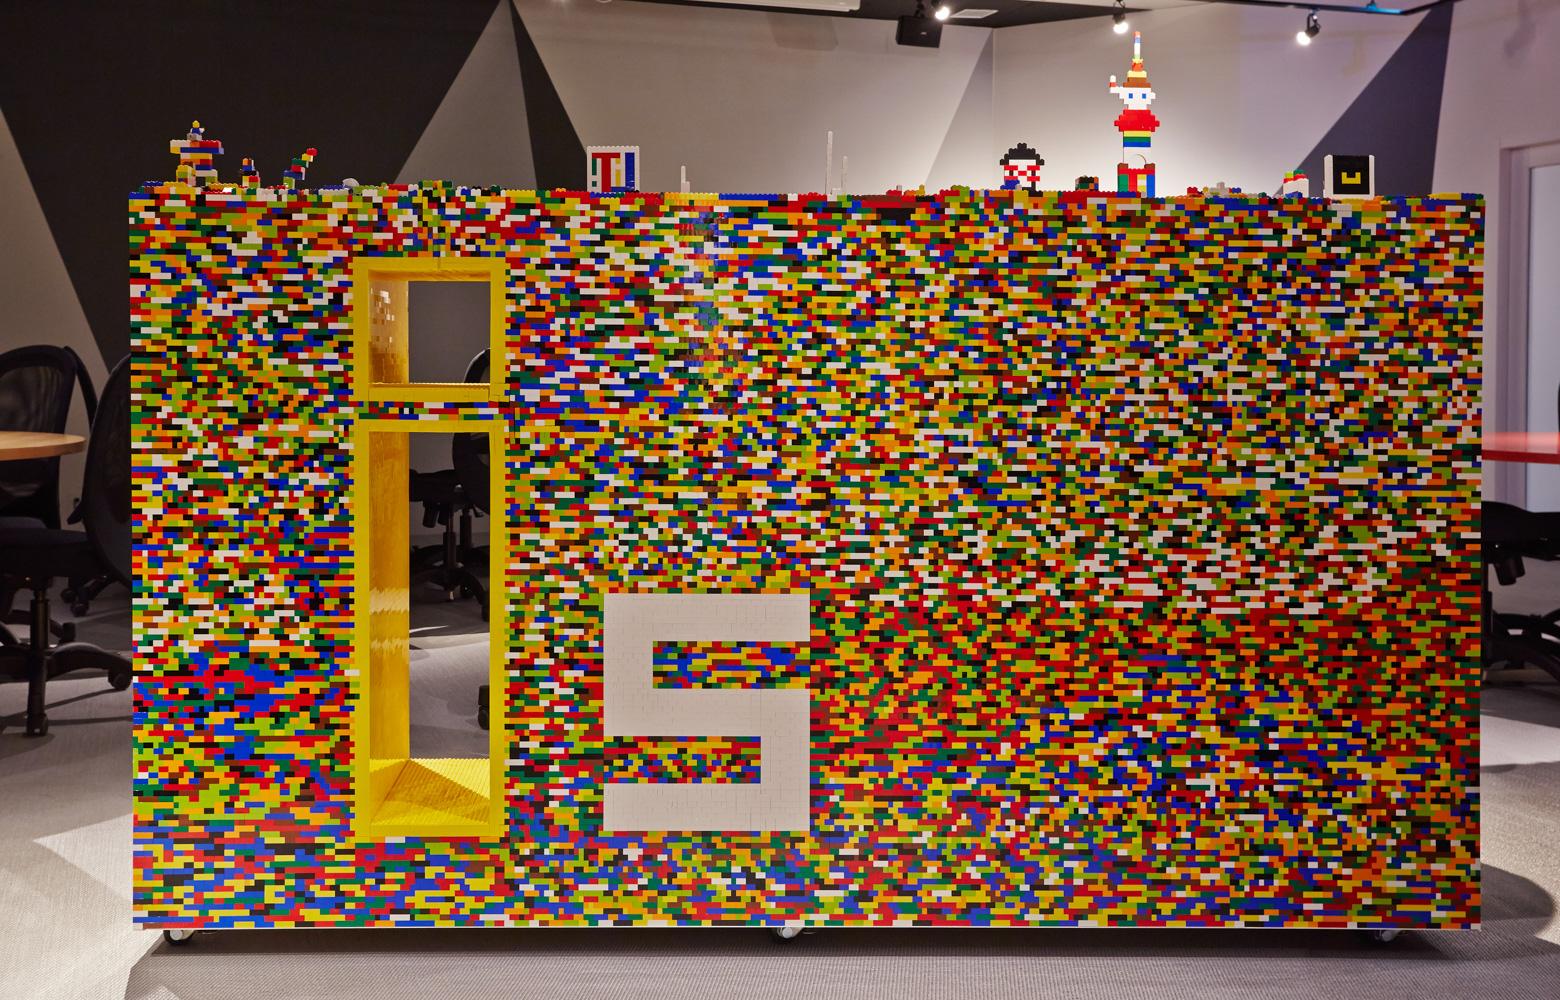 ライフイズテック株式会社 LEGO デザイン・レイアウト事例